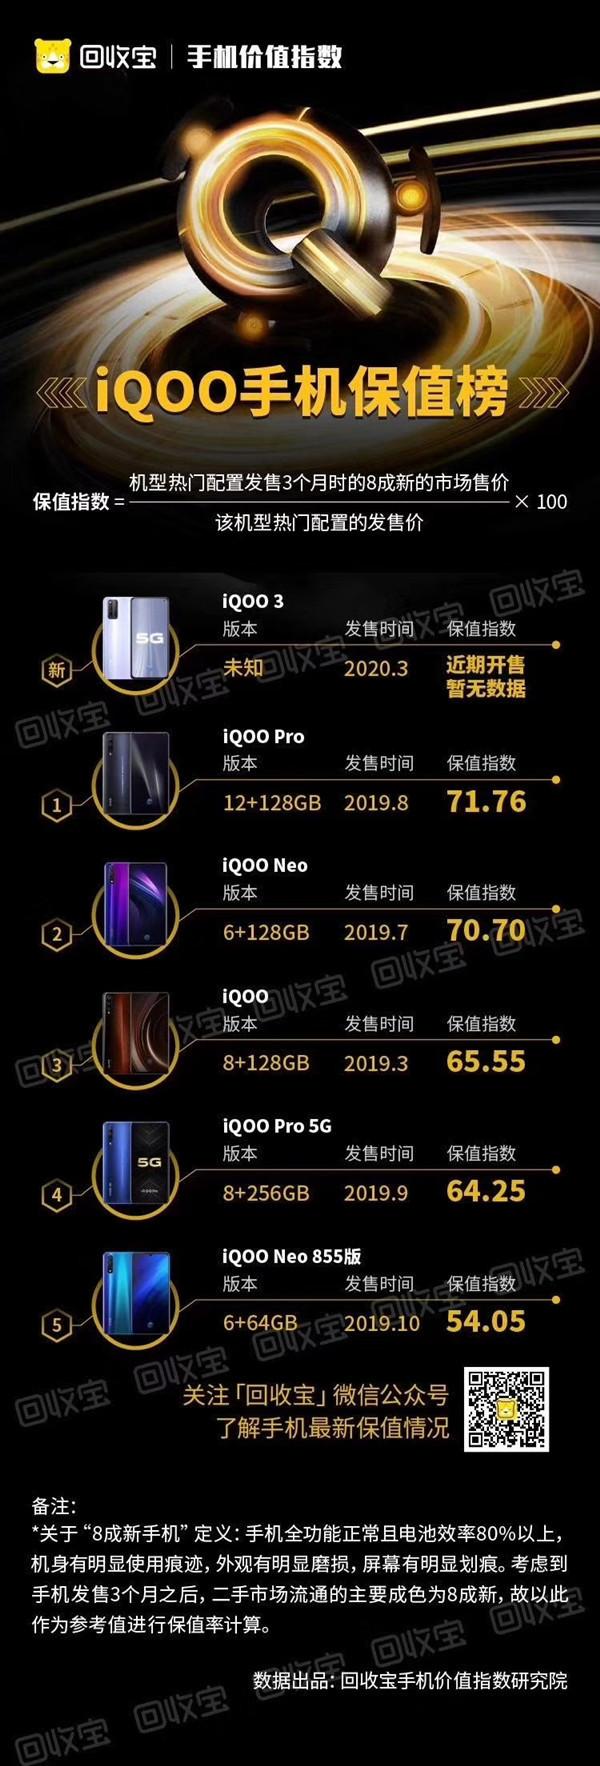 iQOO手机保值榜(图源回收宝)